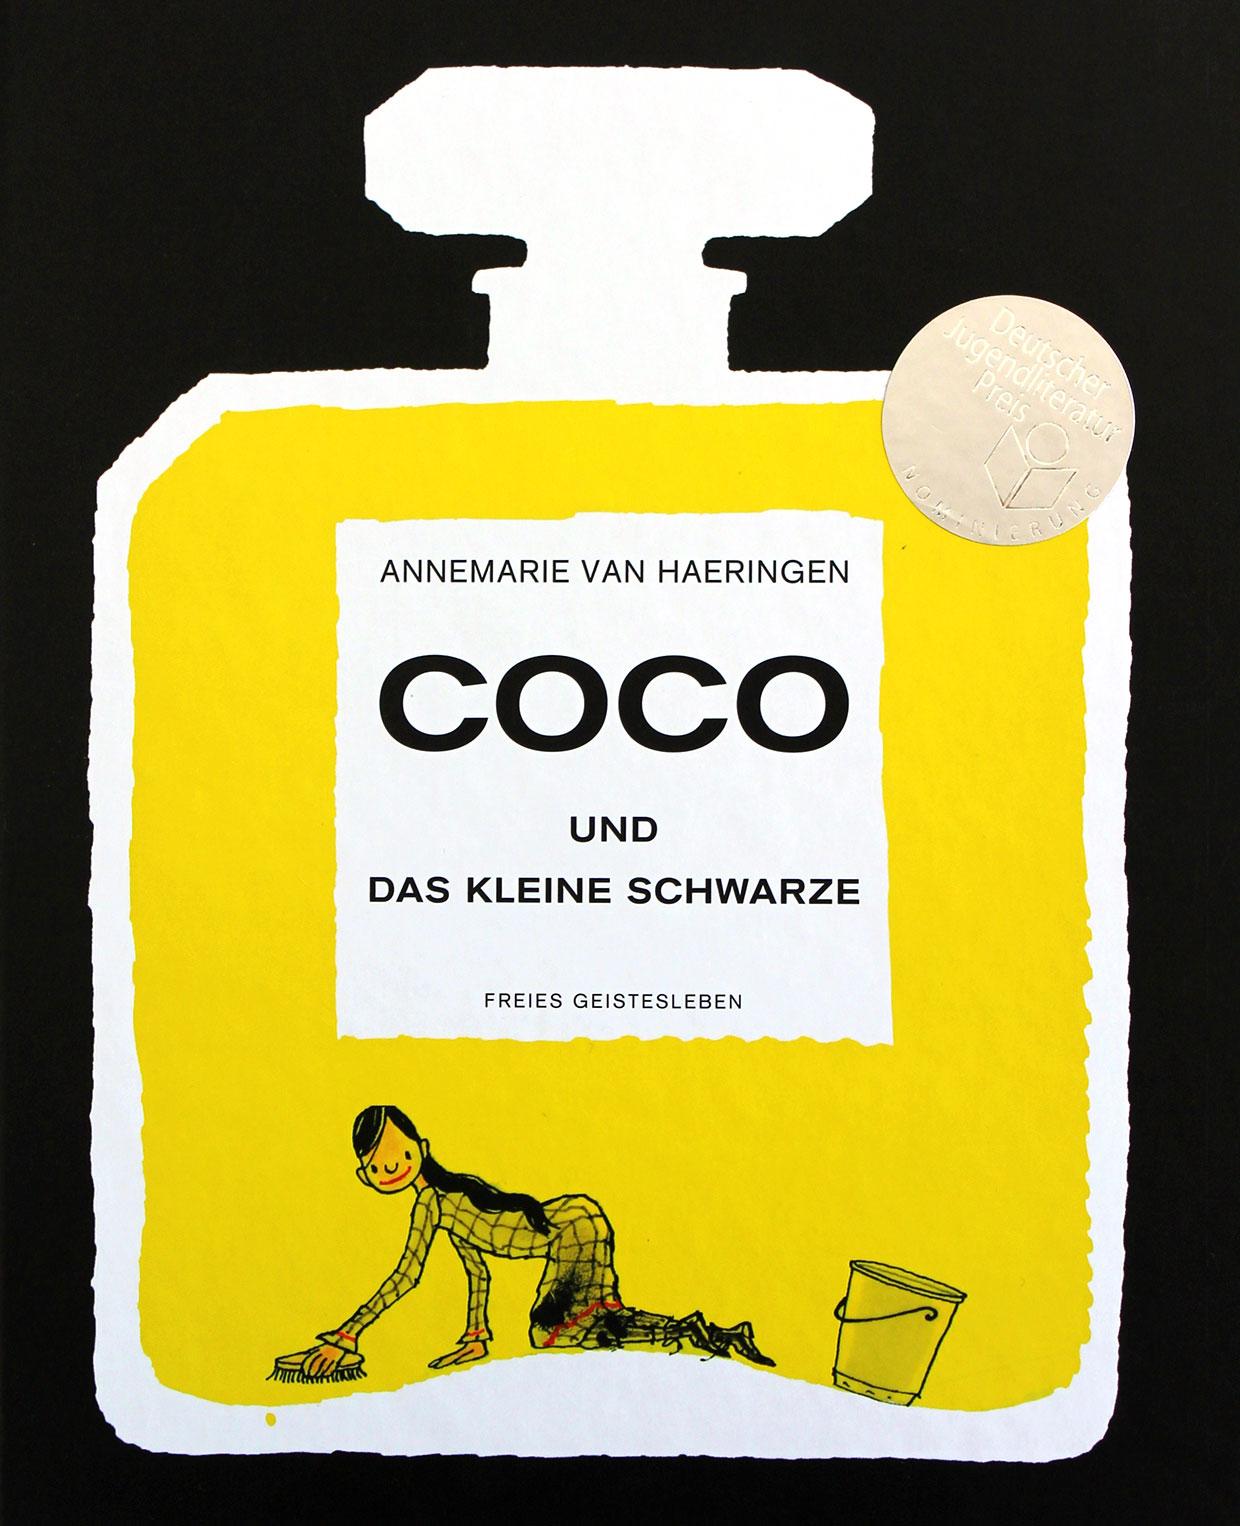 kinderliteratur_cooc-und-das-kleine-schwarze_titel